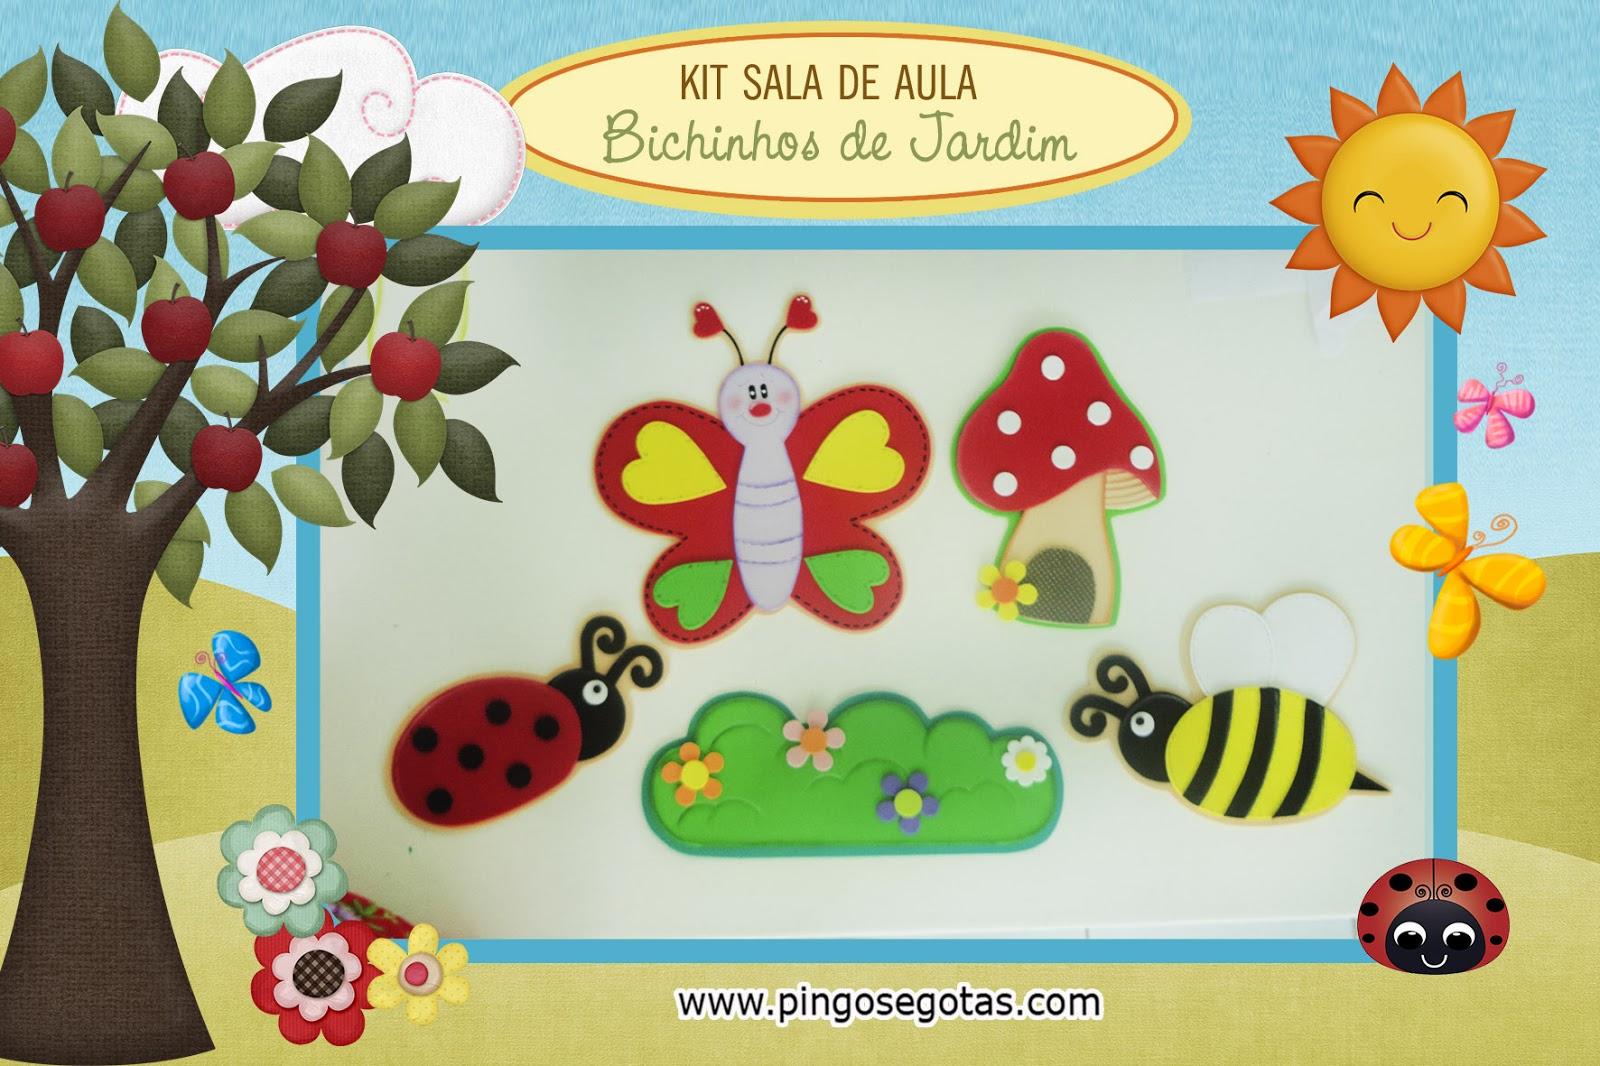 decoracao sala de aula jardim encantado:Pingos e Gotas: Kit para sala de aula no tema Bichinhos de Jardim